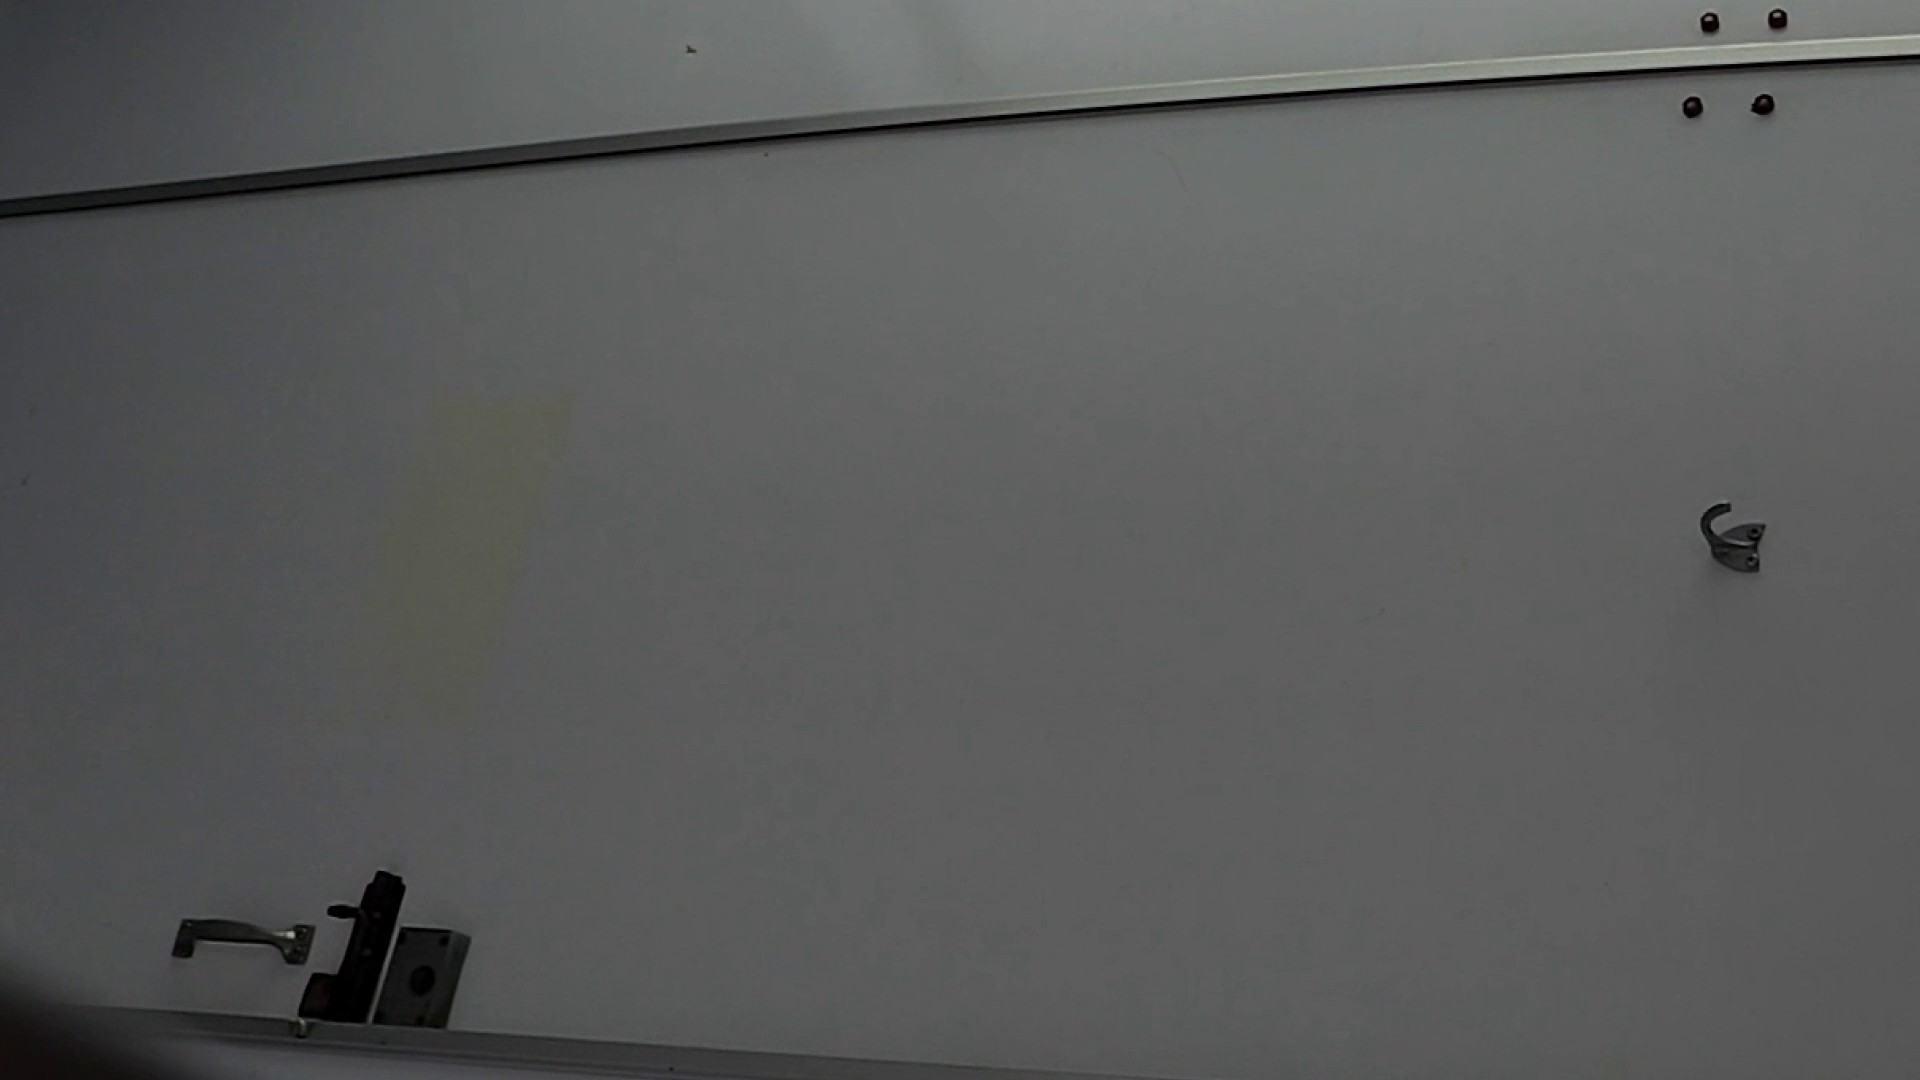 なんだこれ!! Vol.08 遂に美女登場!! OLの実態 盗撮エロ画像 93pic 82